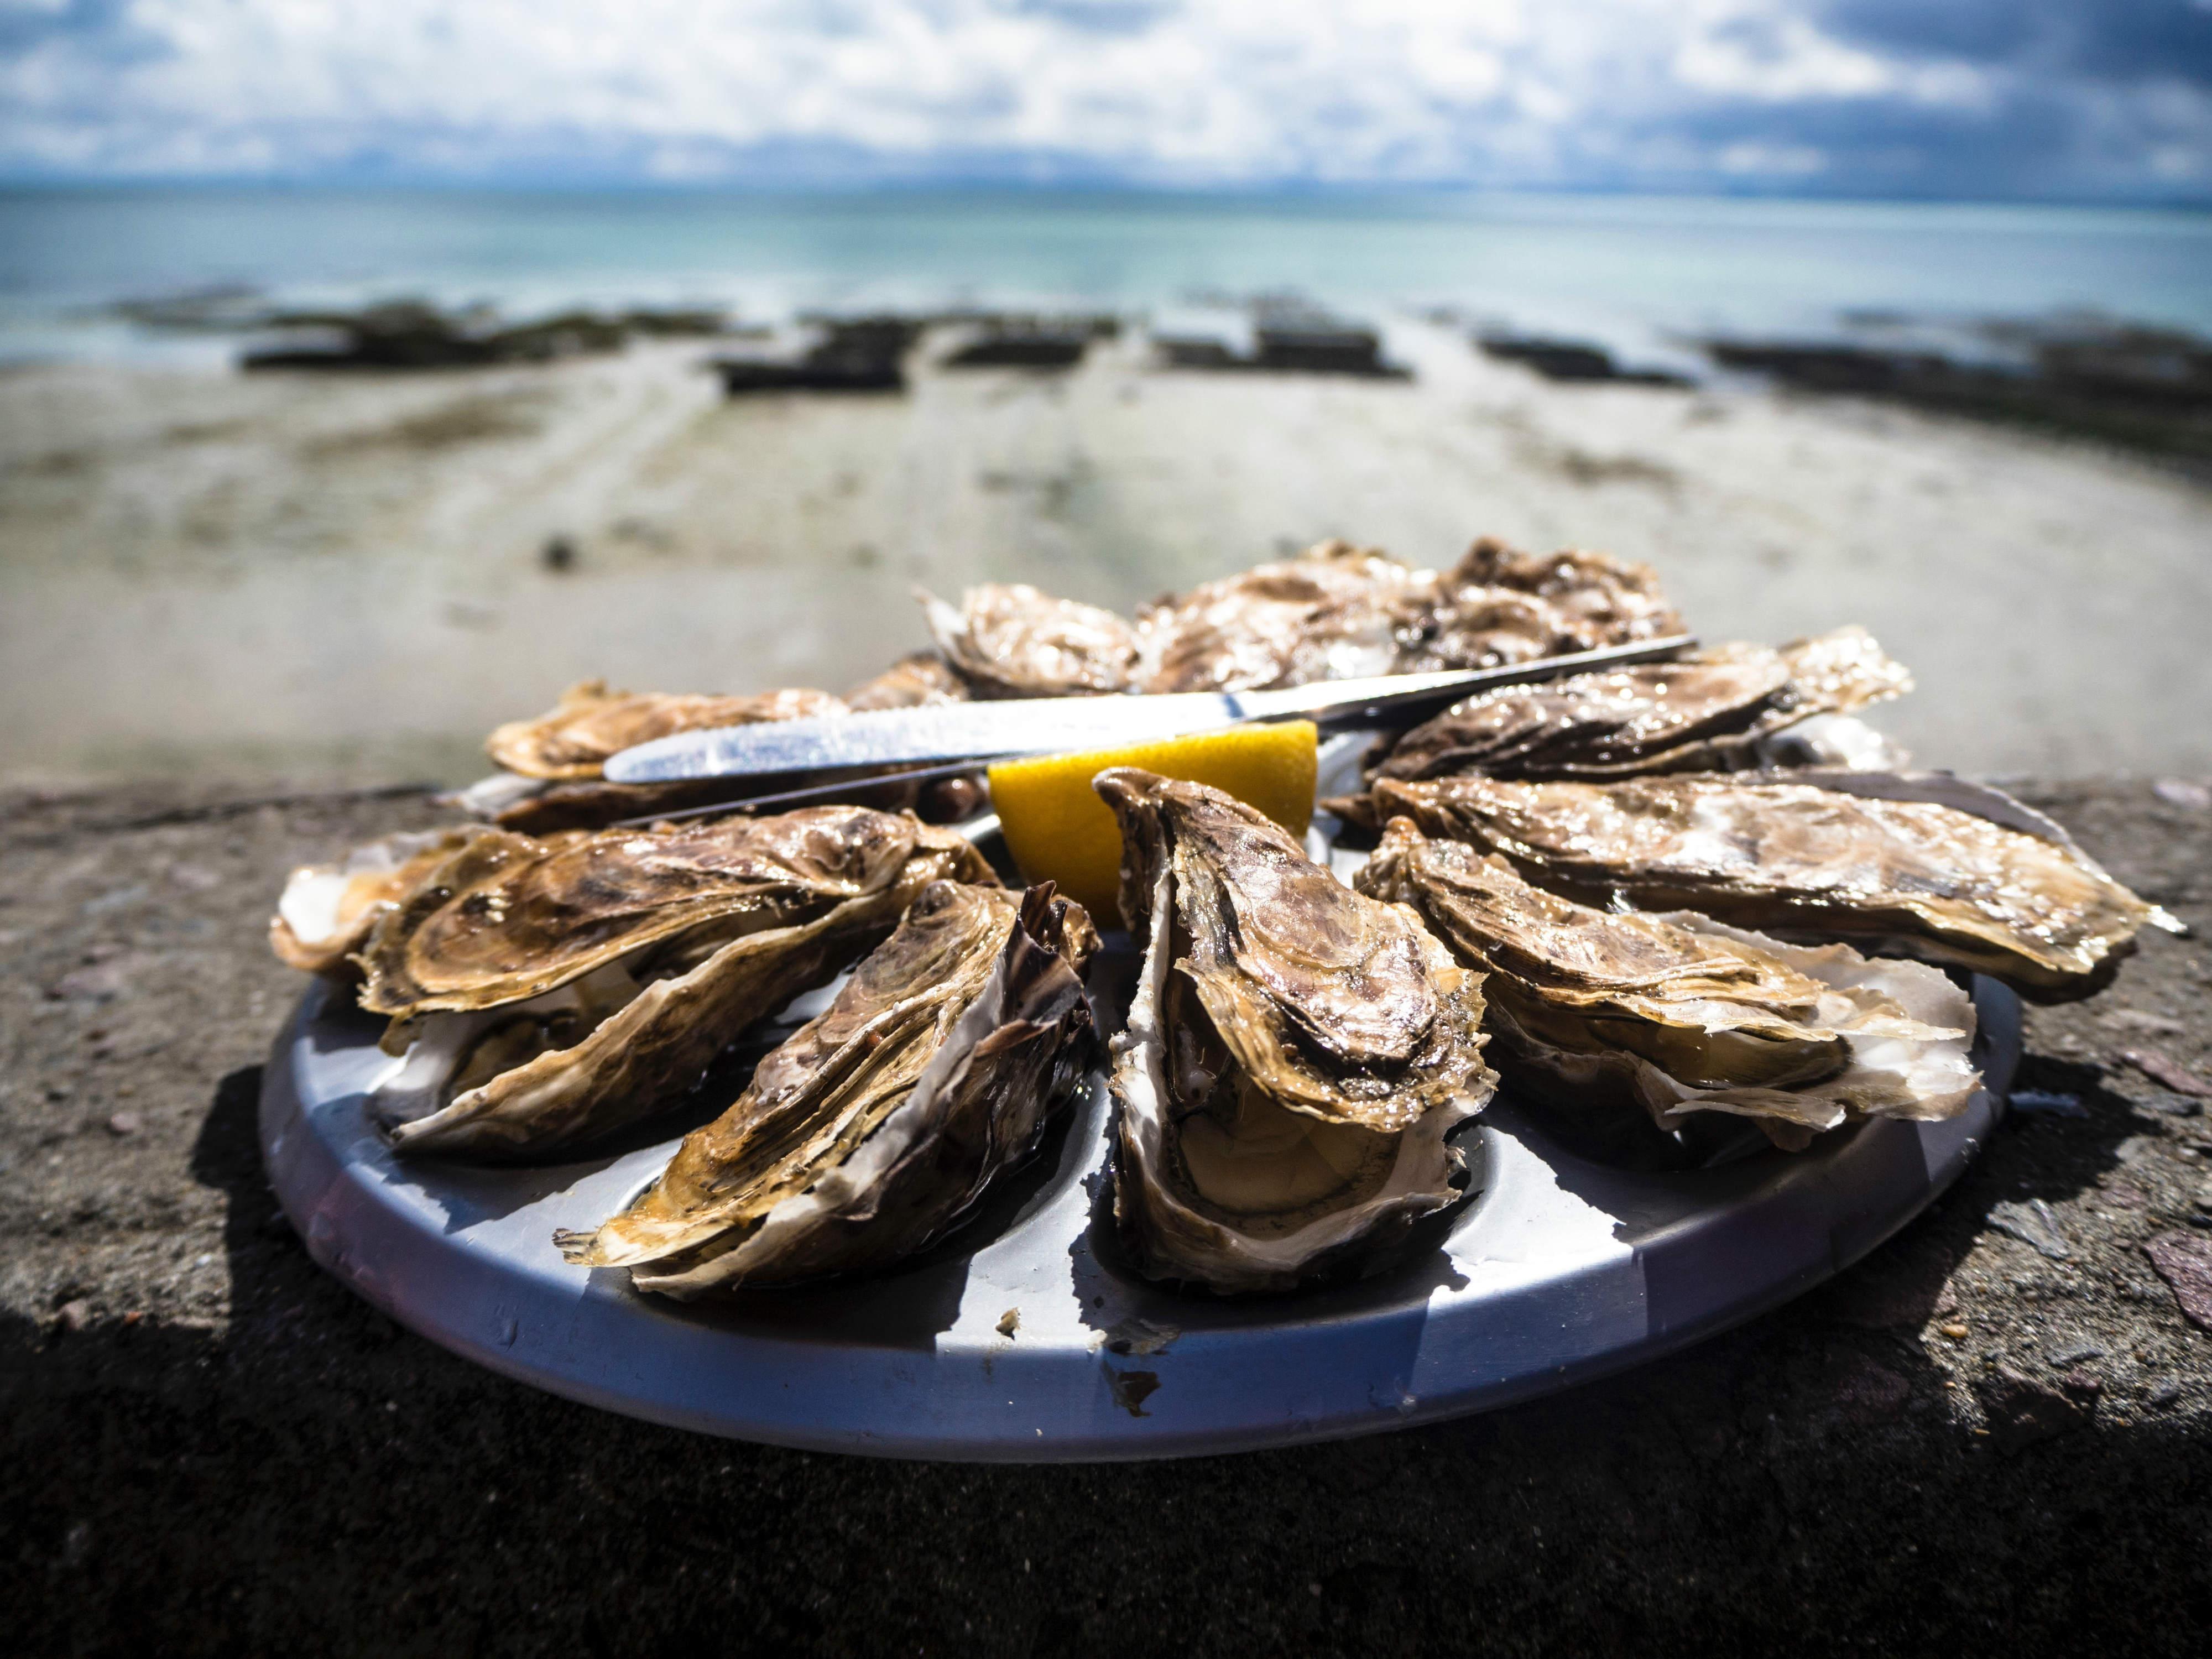 Normandia cosa vedere - piatto di frutti di mare a Granville - Tommaso Cantelli via Unsplash